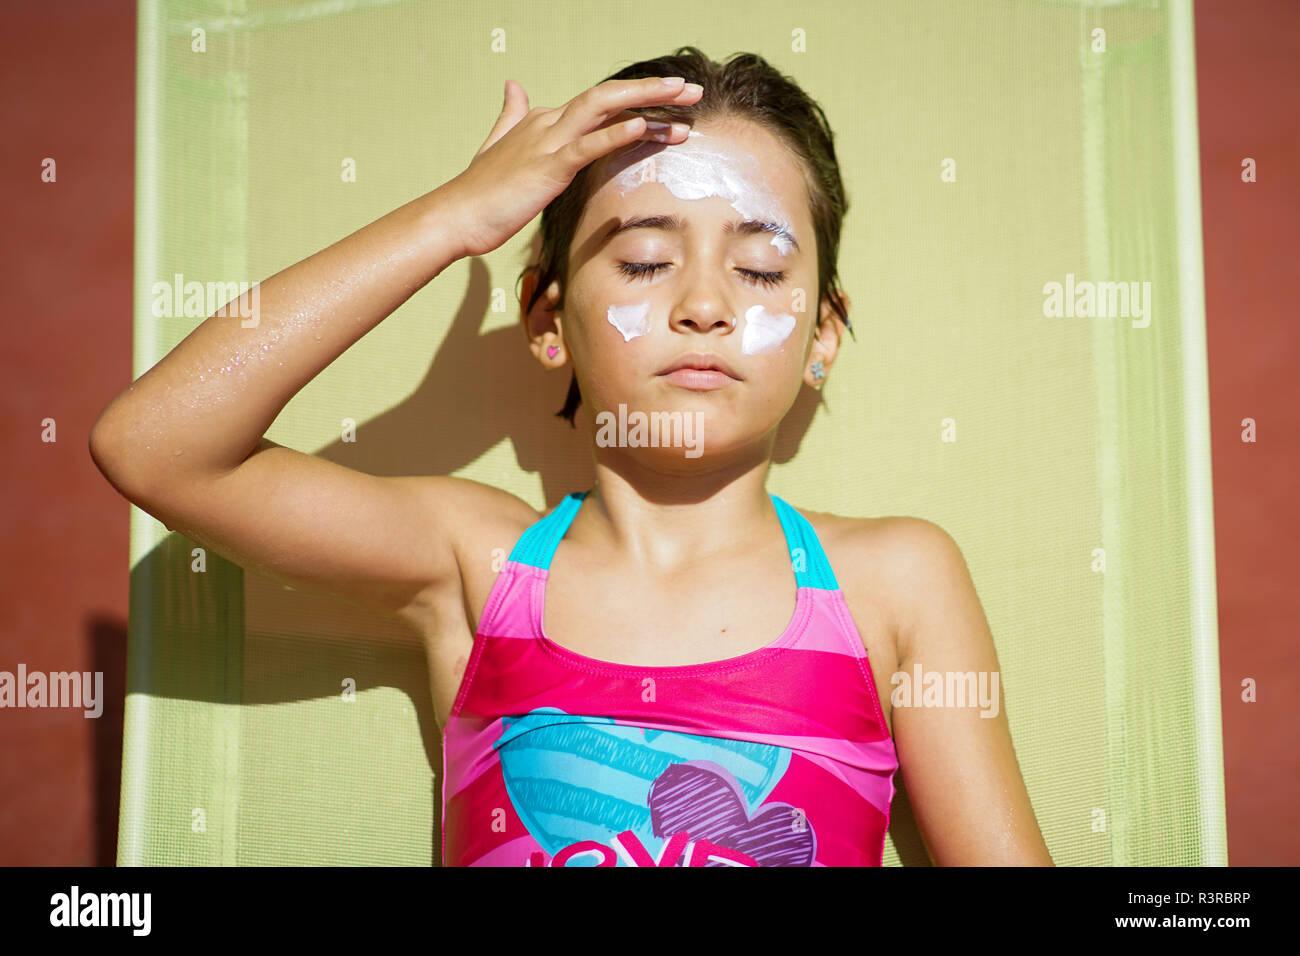 Young girl using suncream - Stock Image